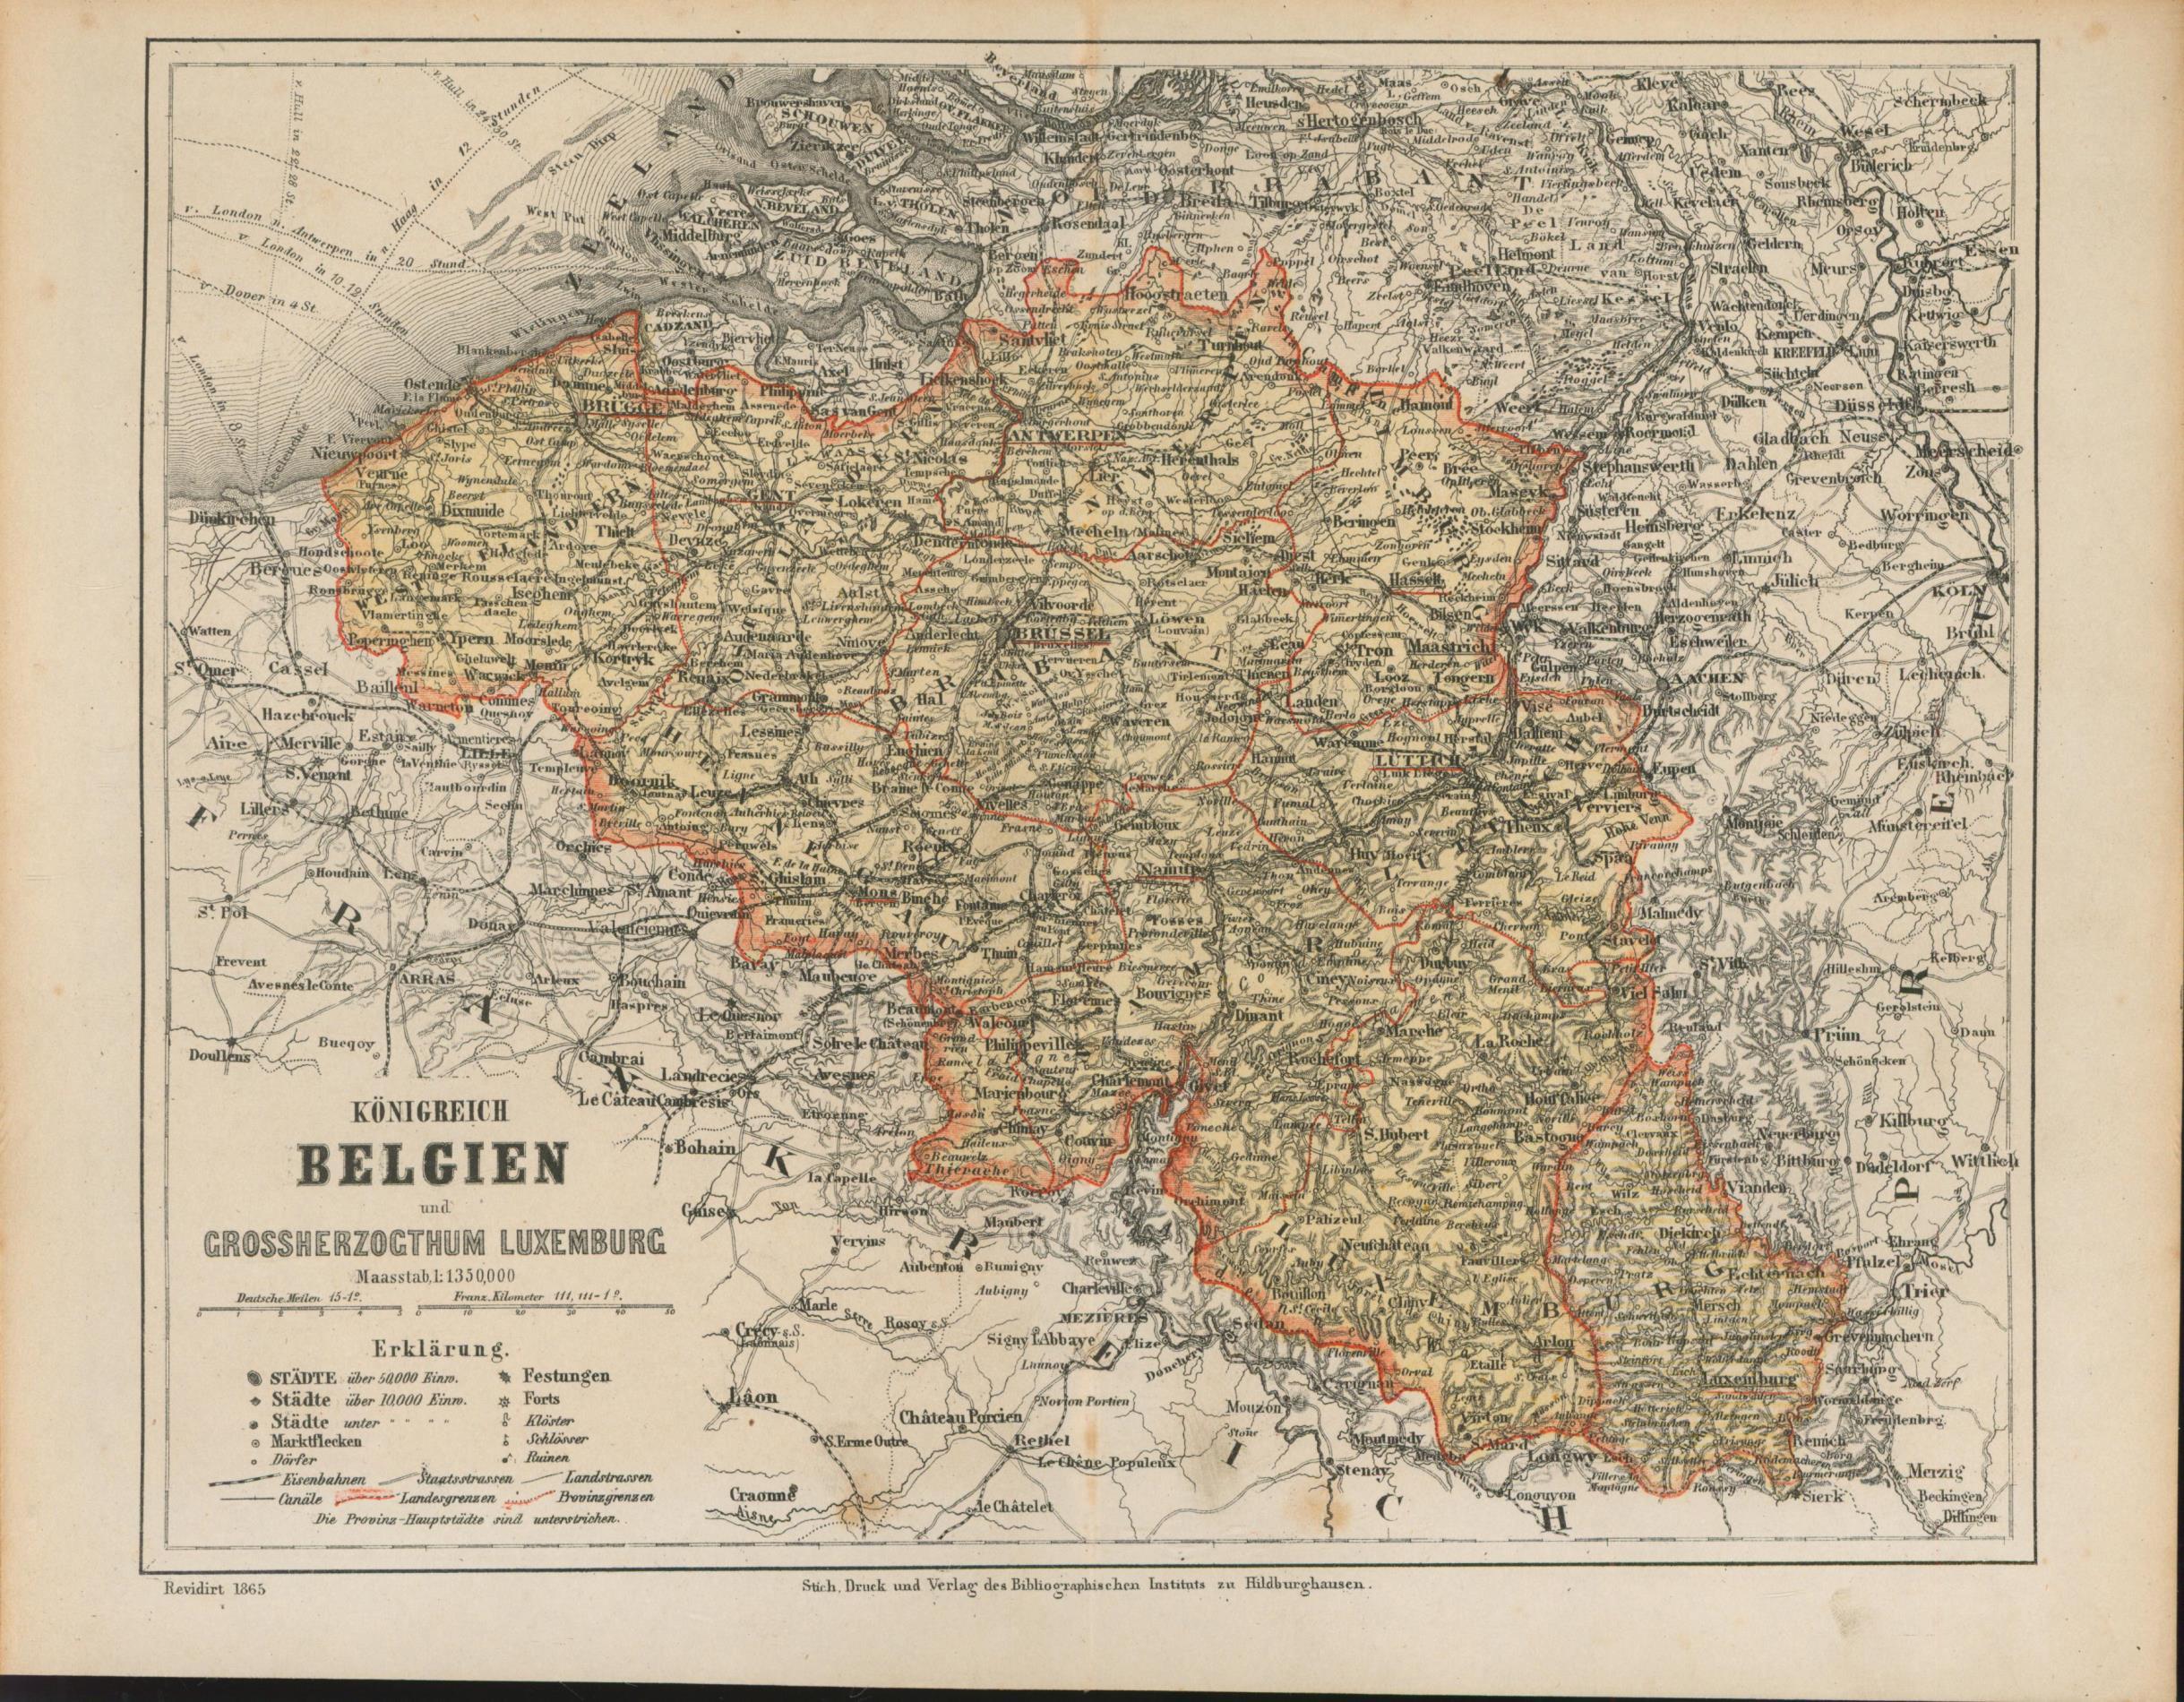 Königreich Belgien mit Grossherzogthum Luxemburg von 1865,Maßstab: Historische Landkarte KEIN